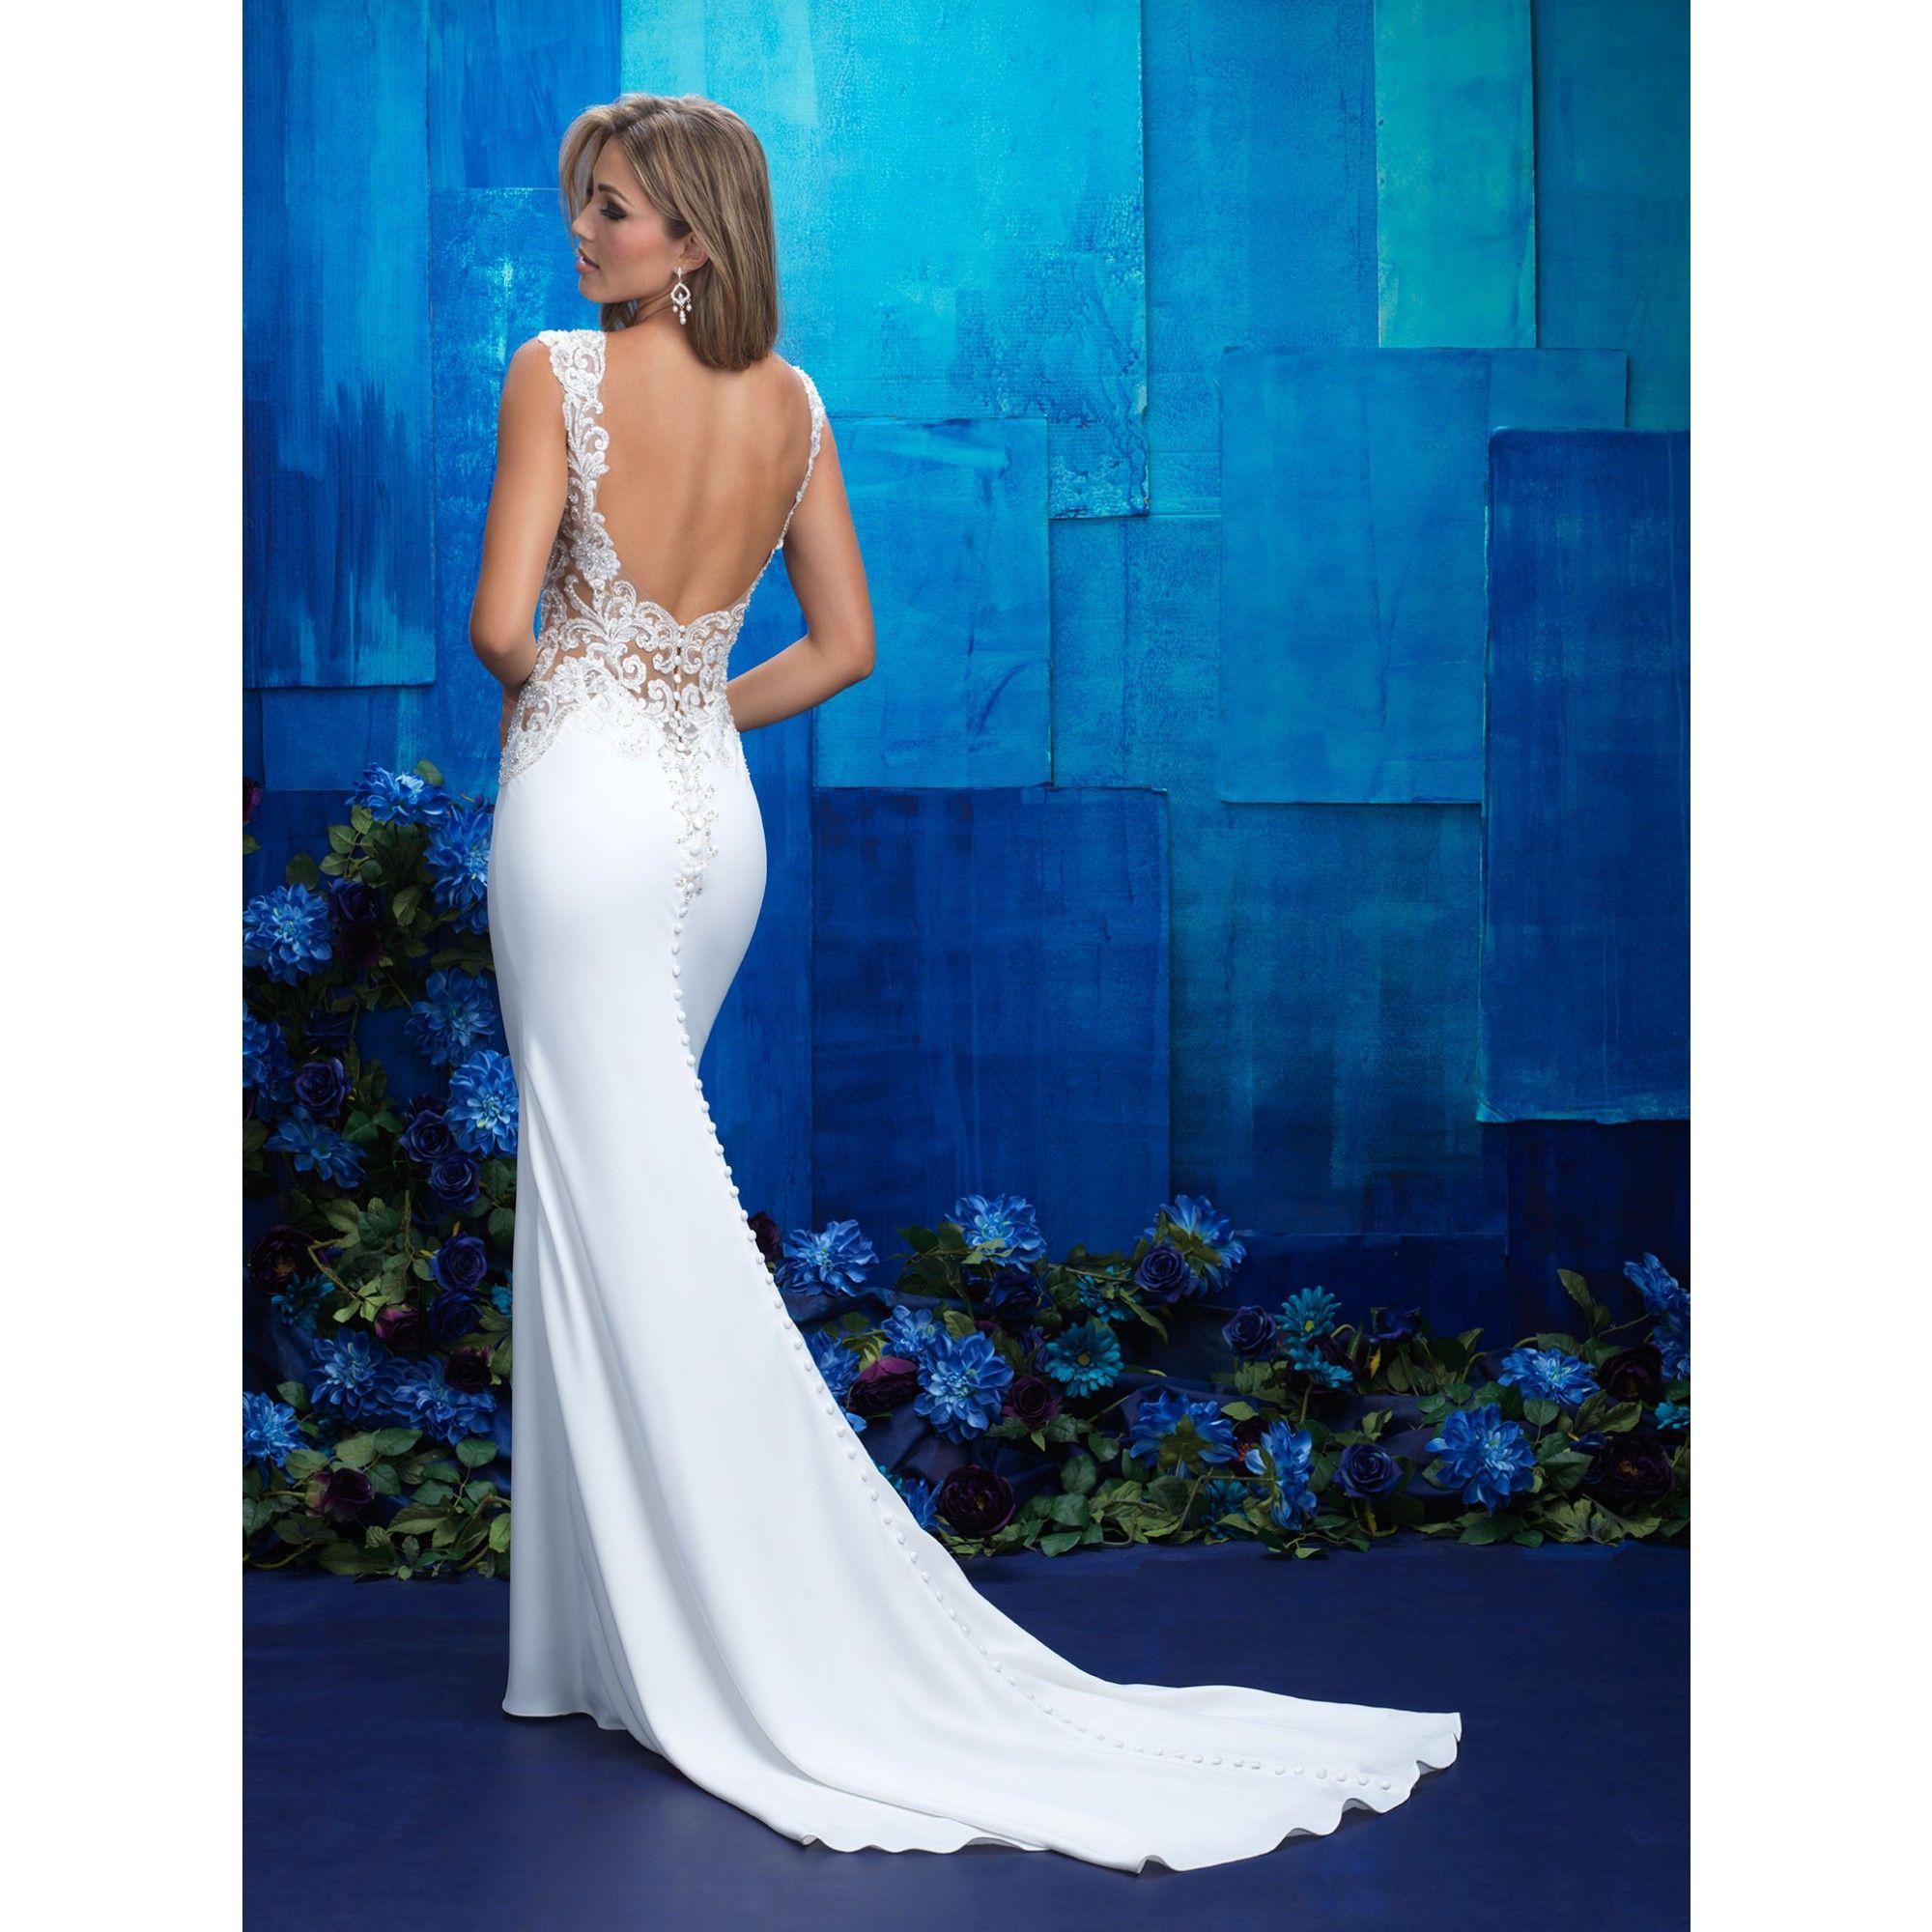 Allure Bridals 9417|Allure Bridal dress 9417|Allure 9417 ...